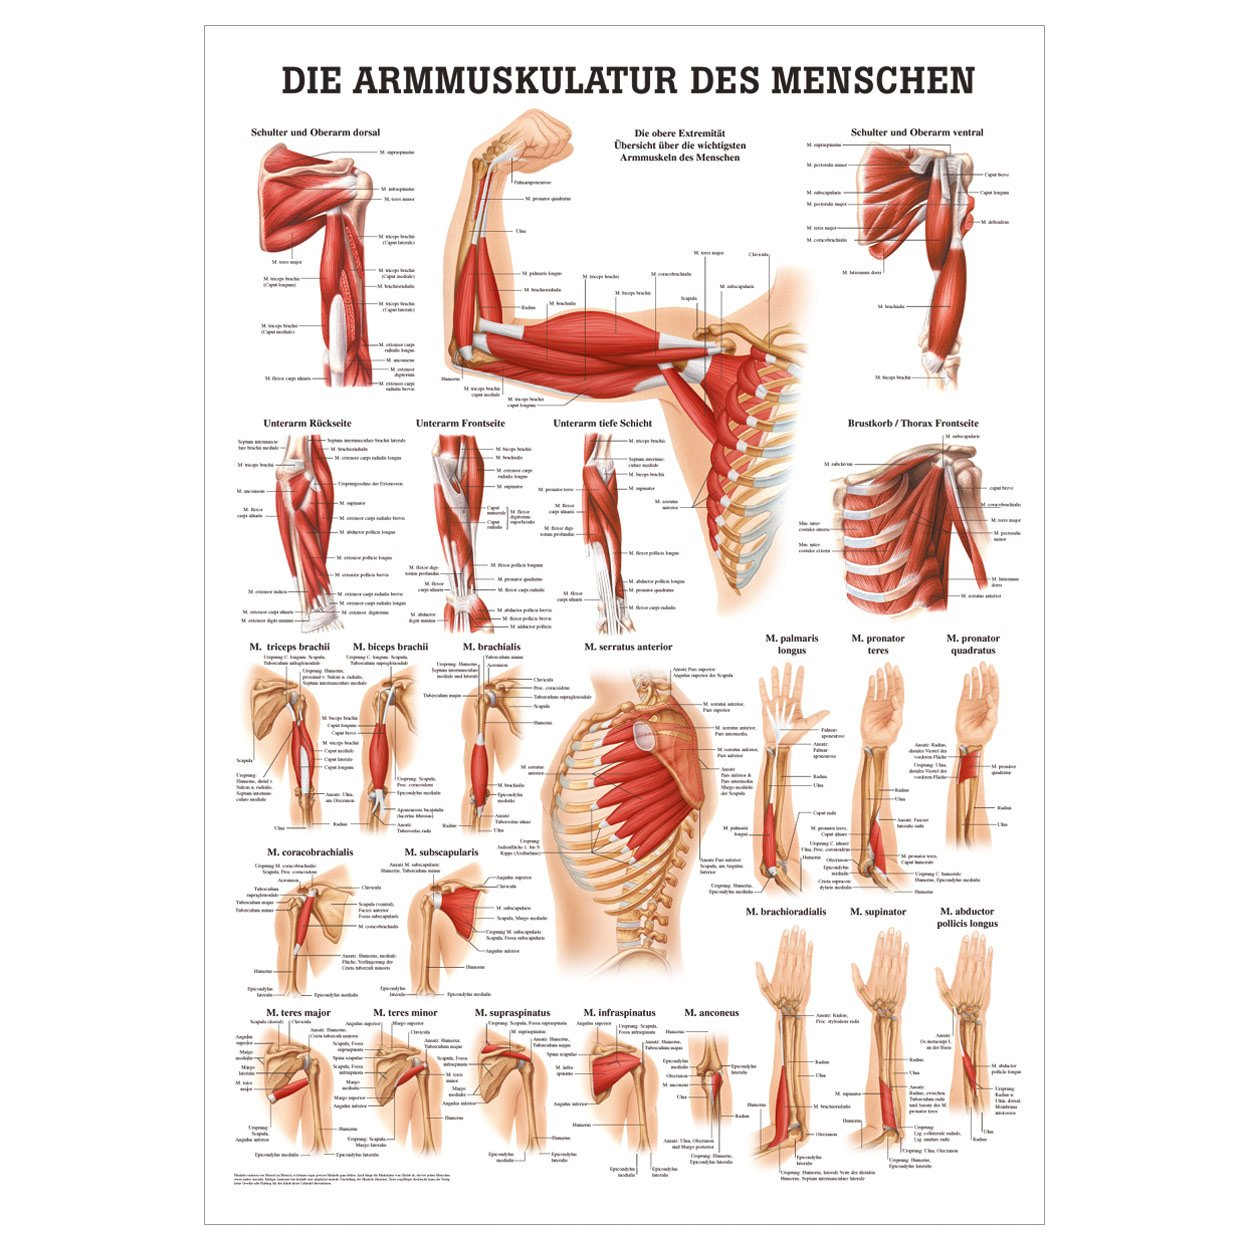 Nett Brustkorb Anatomie Bilder Ideen - Menschliche Anatomie Bilder ...